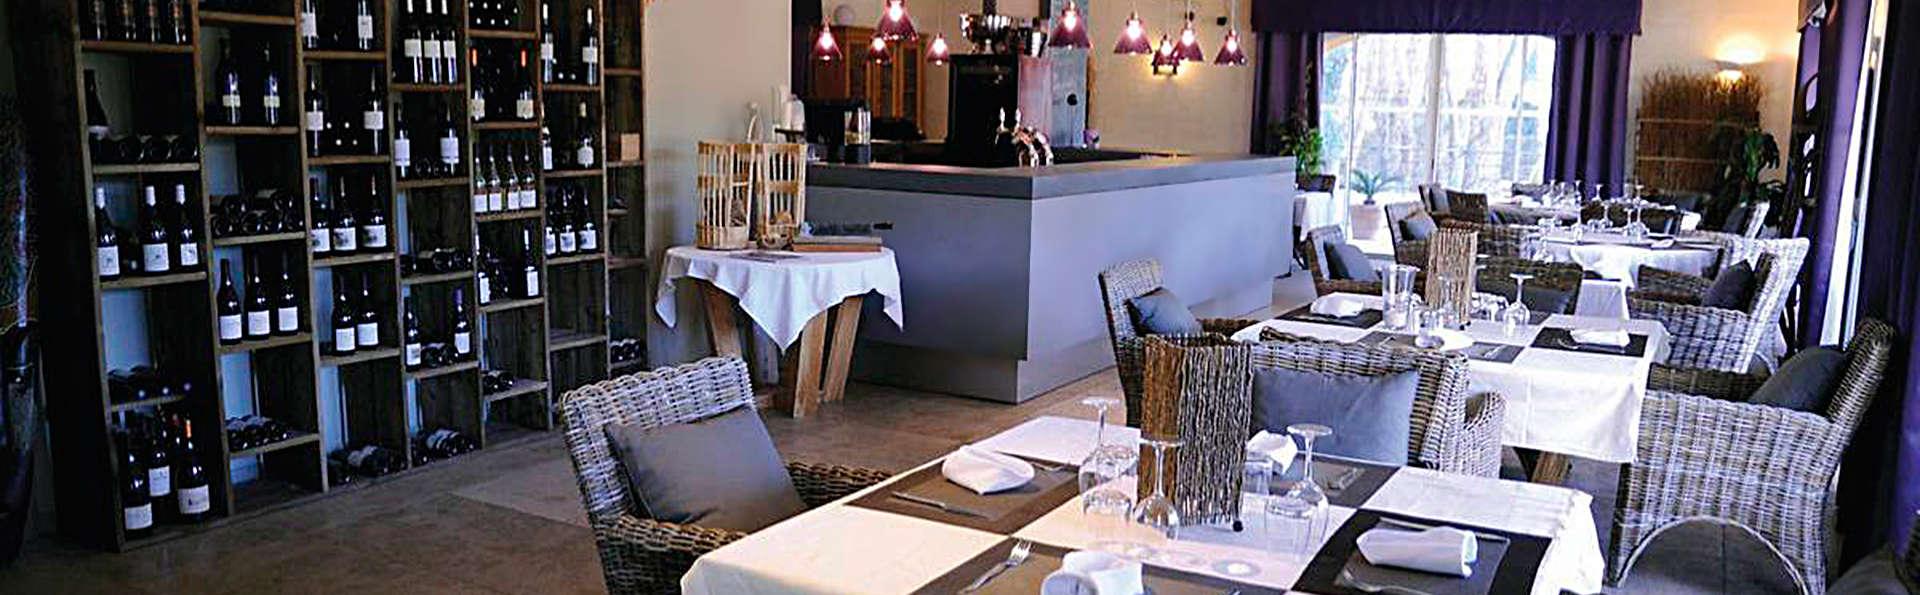 Escapade gourmande dans un hôtel de charme entre Nîmes et Montpellier